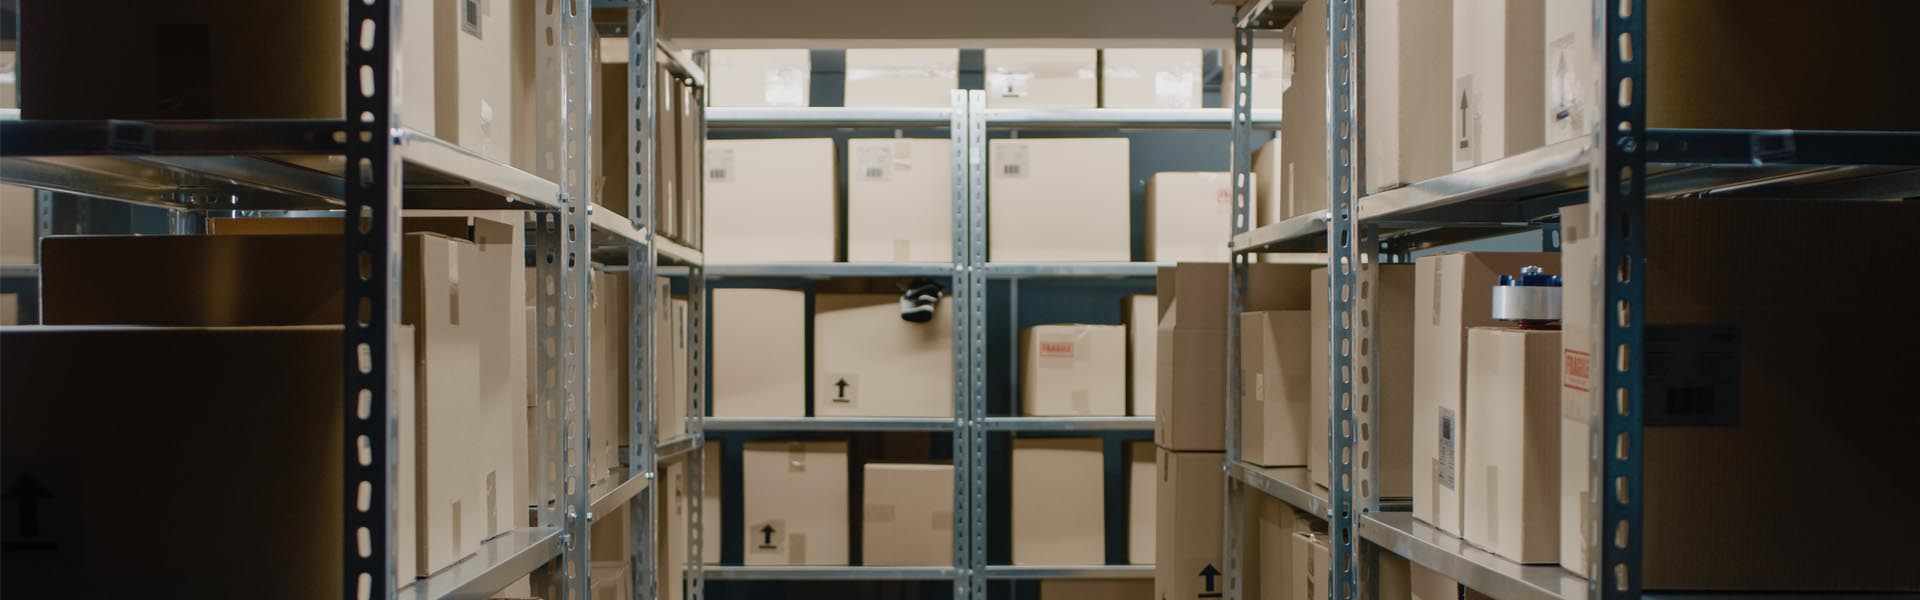 Schreiber-Diesntleistungen-Lagerung-Header-1